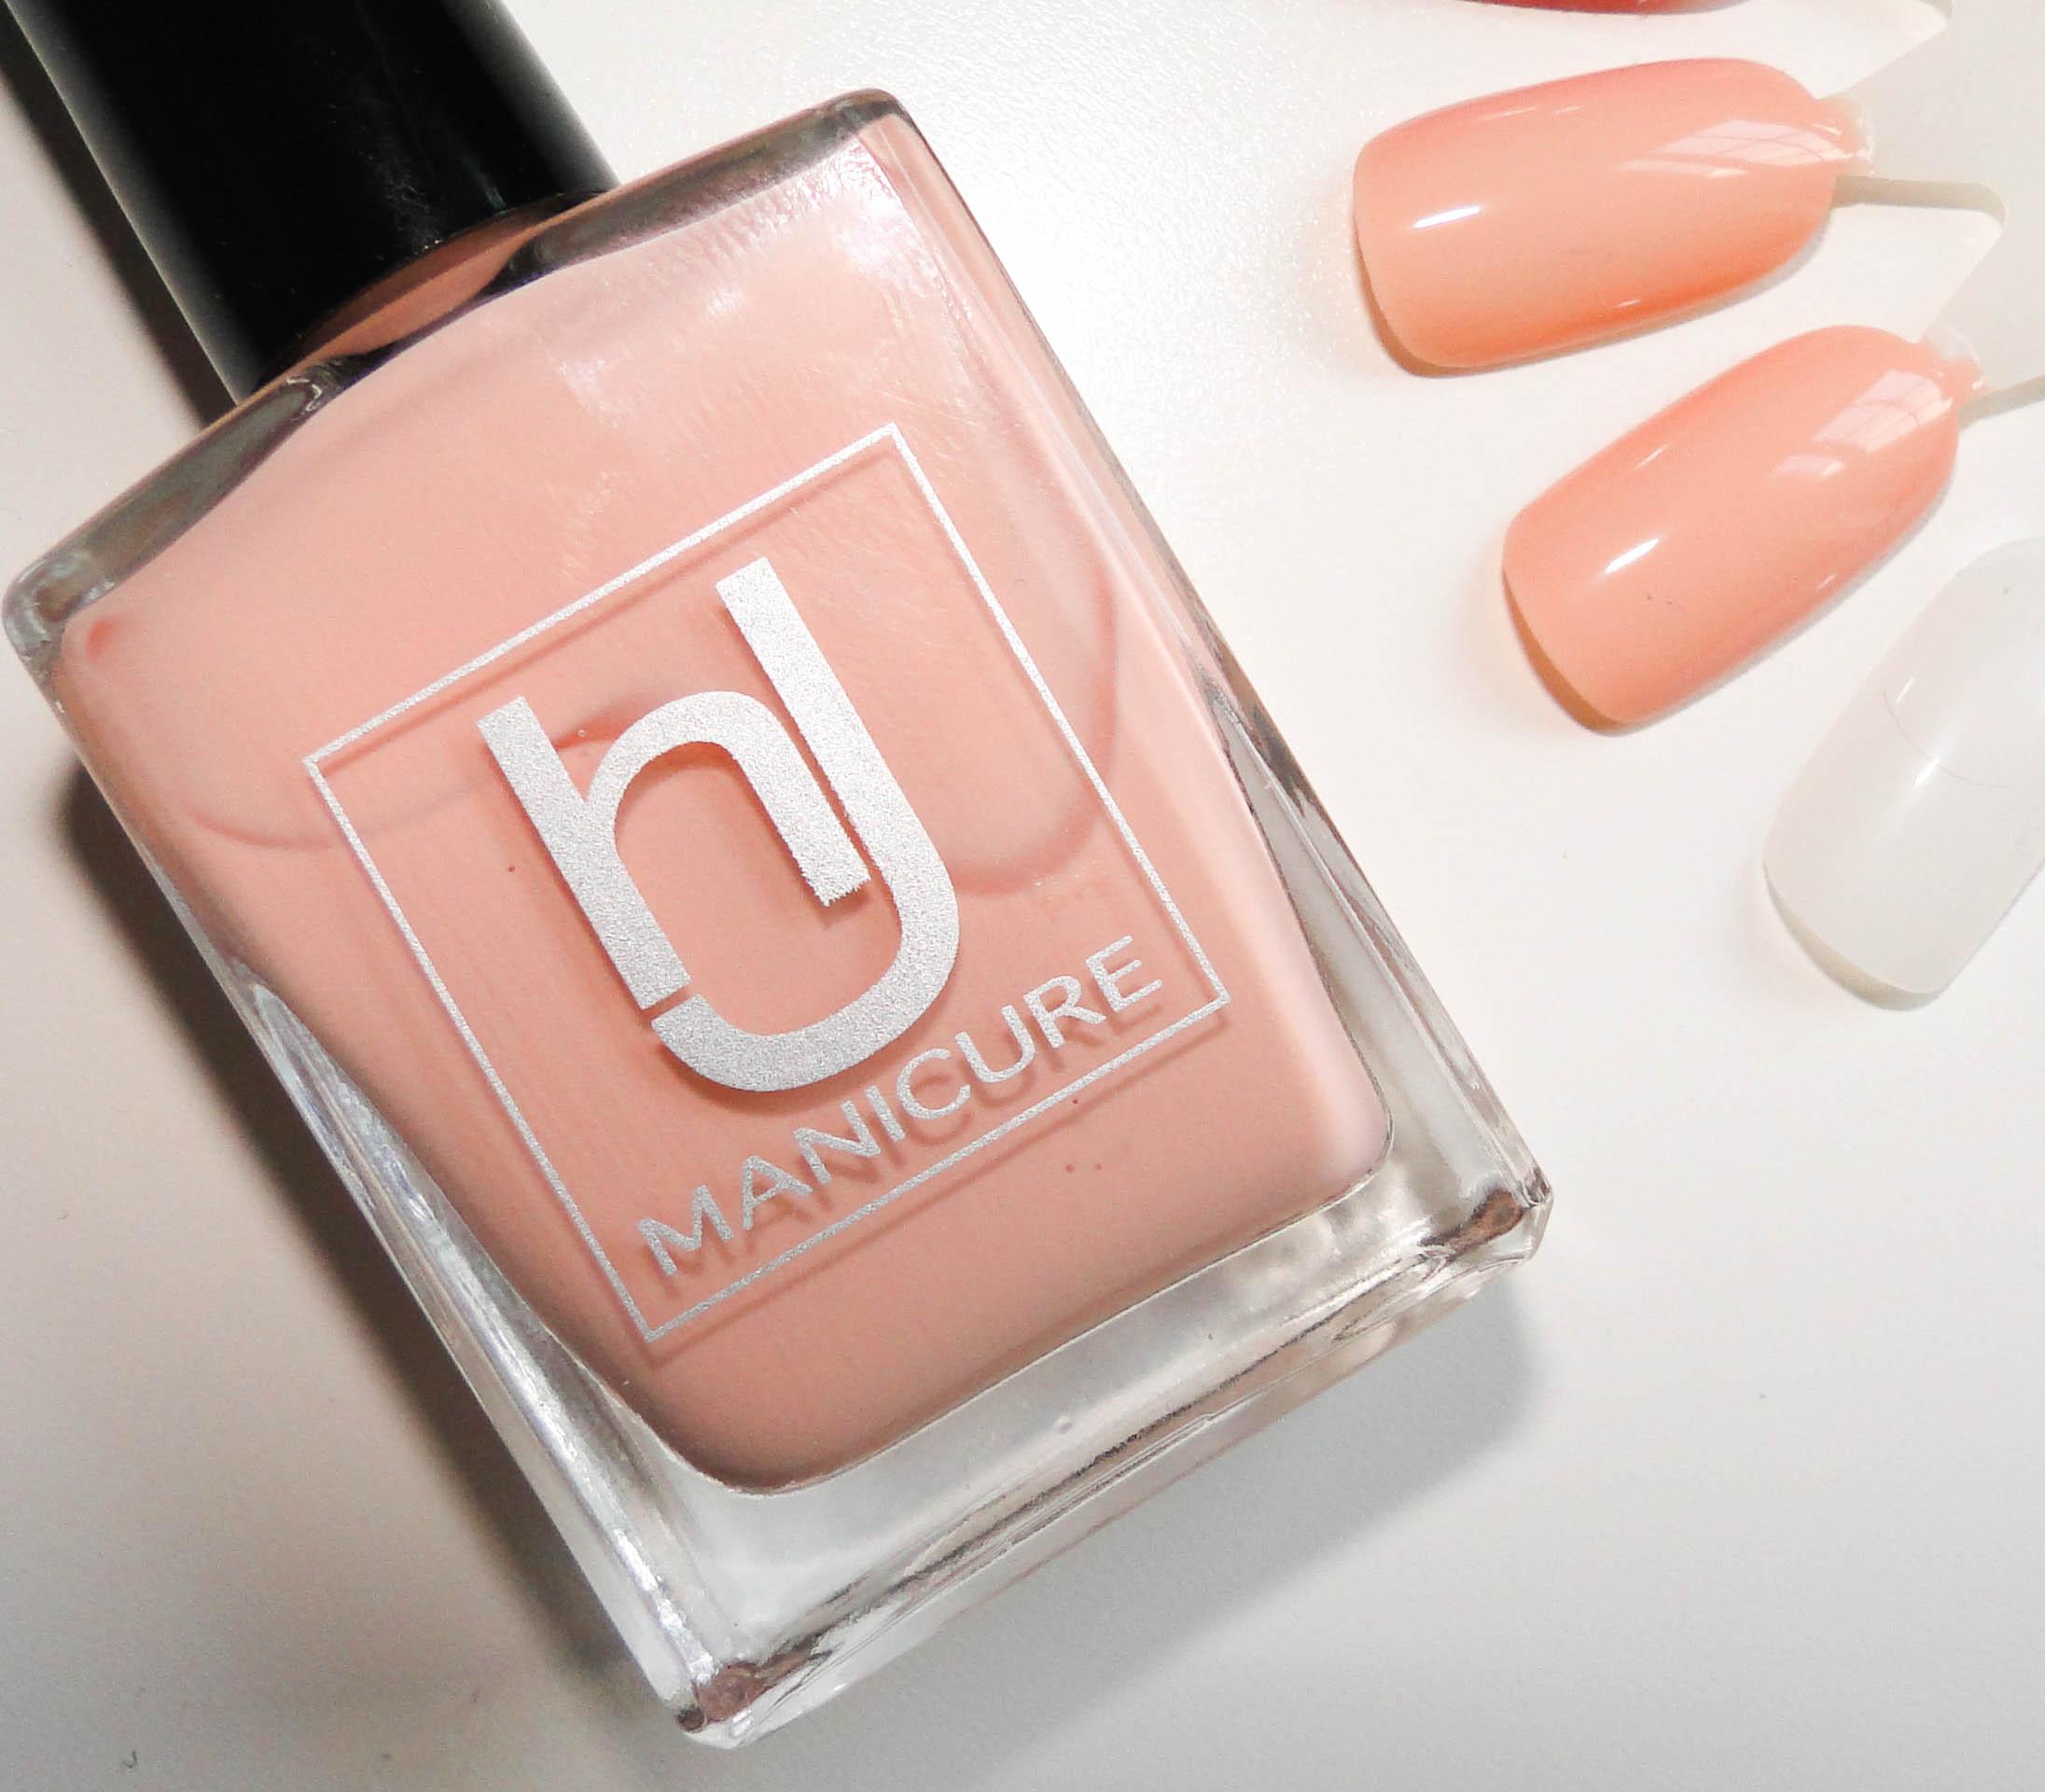 HJ Manicure Peach Blossom-2